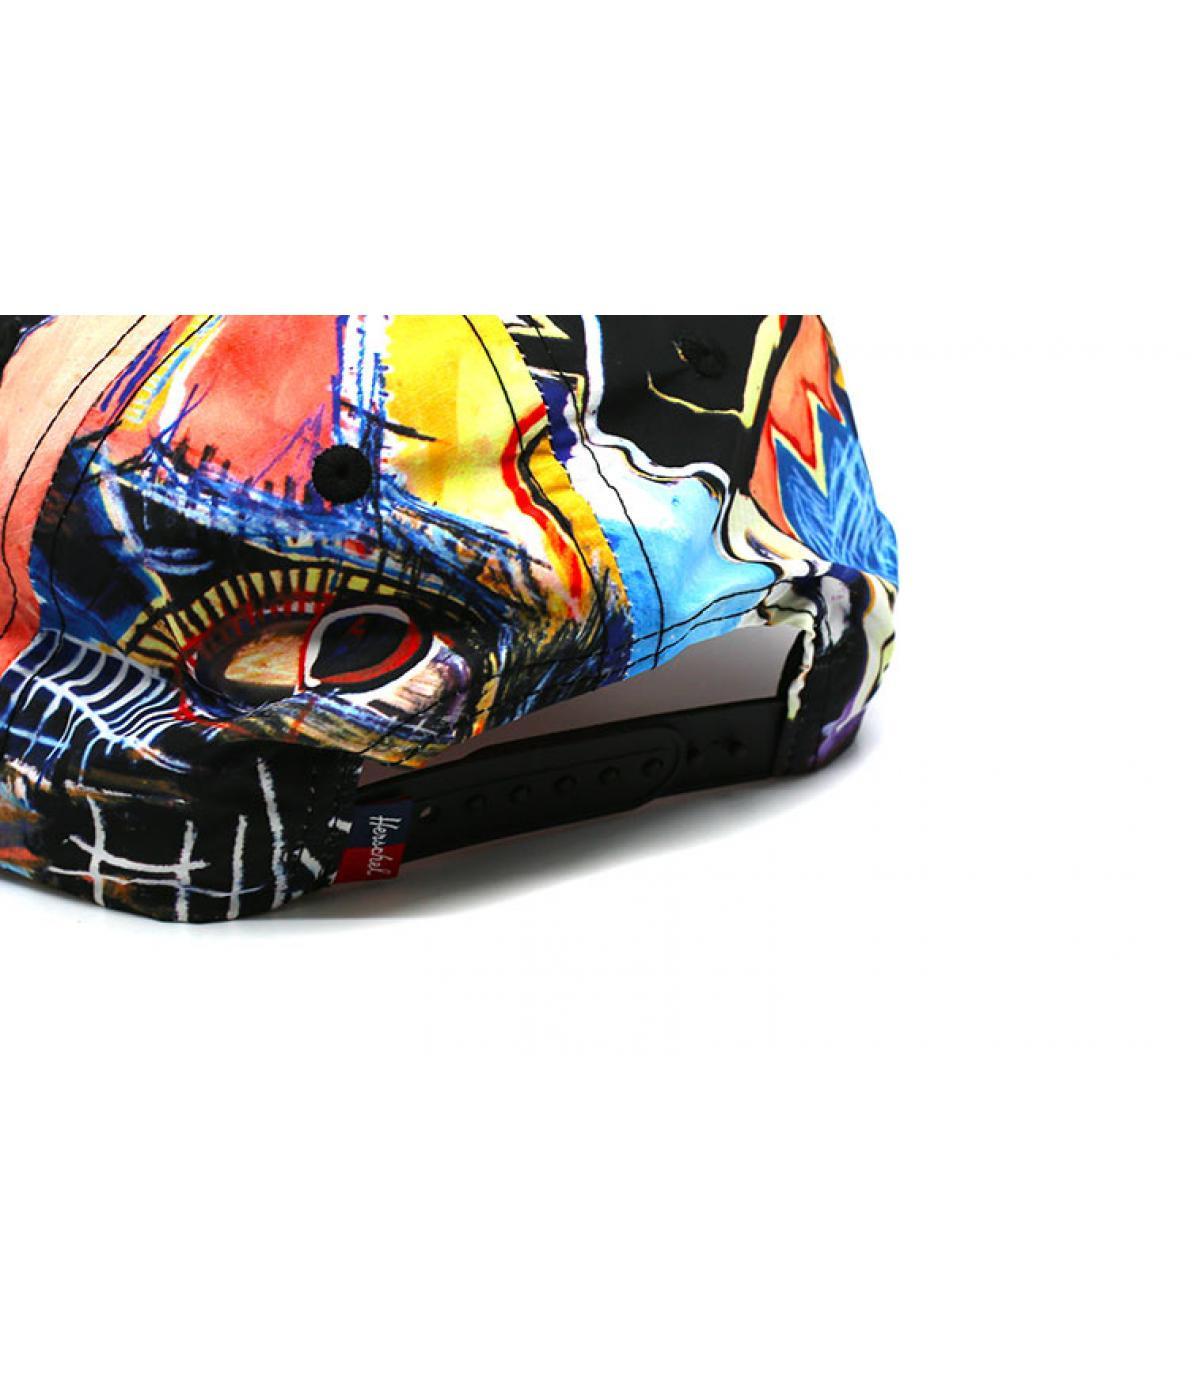 Détails Curve Basquiat Mosby Voyage - image 5